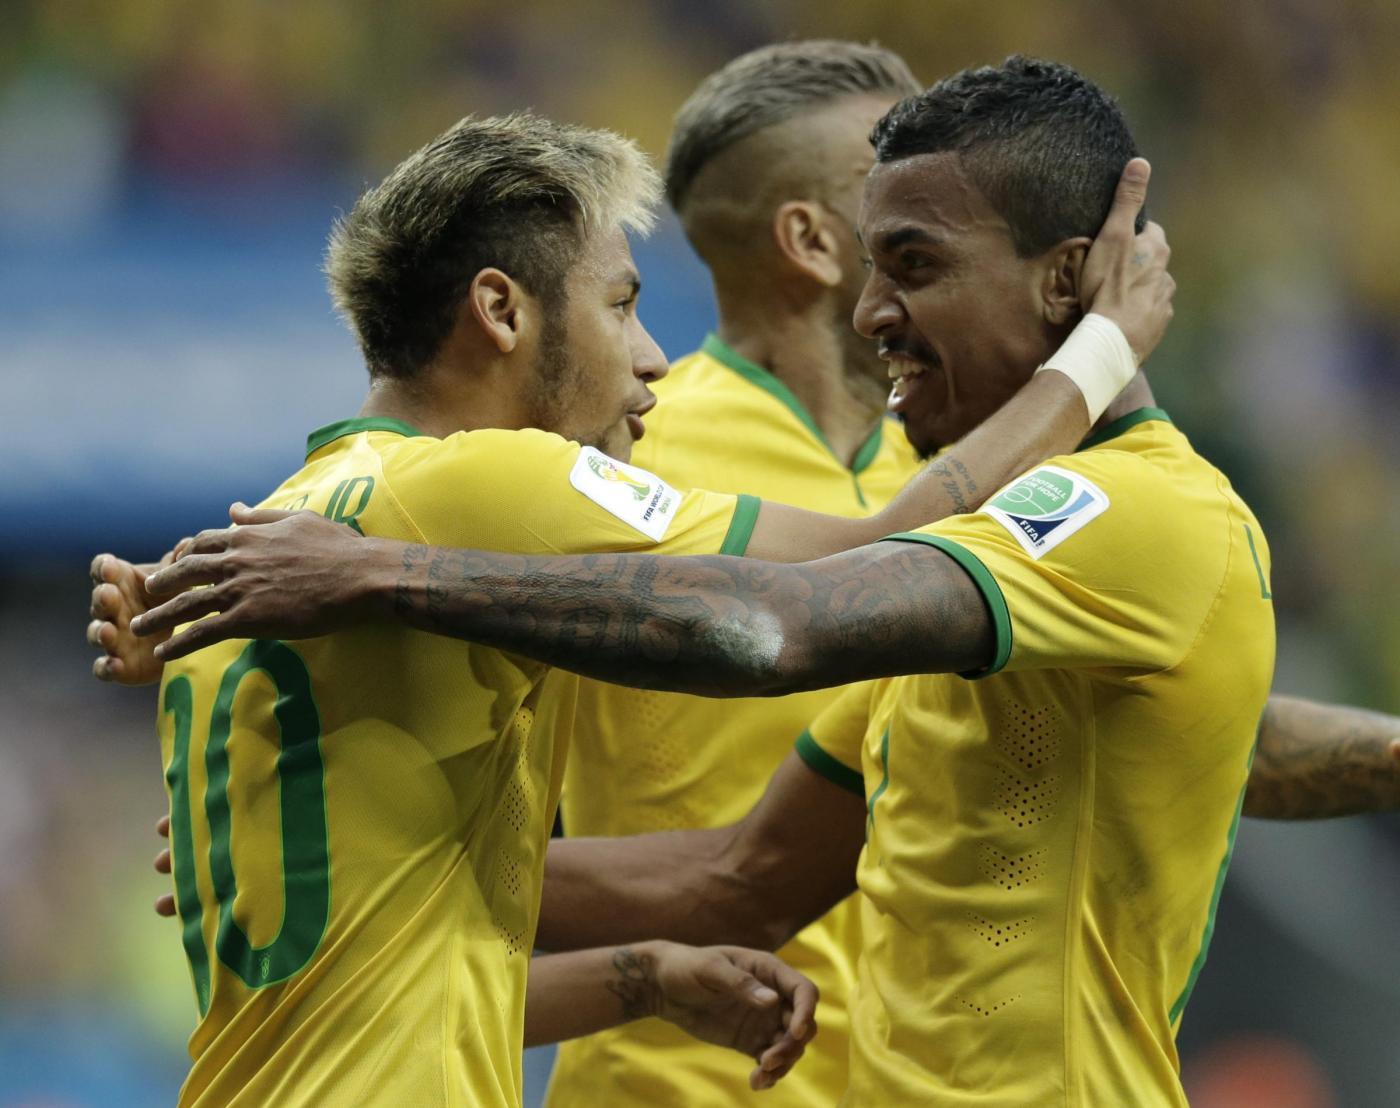 Mondiali 2014, Brasile-Camerun 4-1: Neymar show, ora il Cile